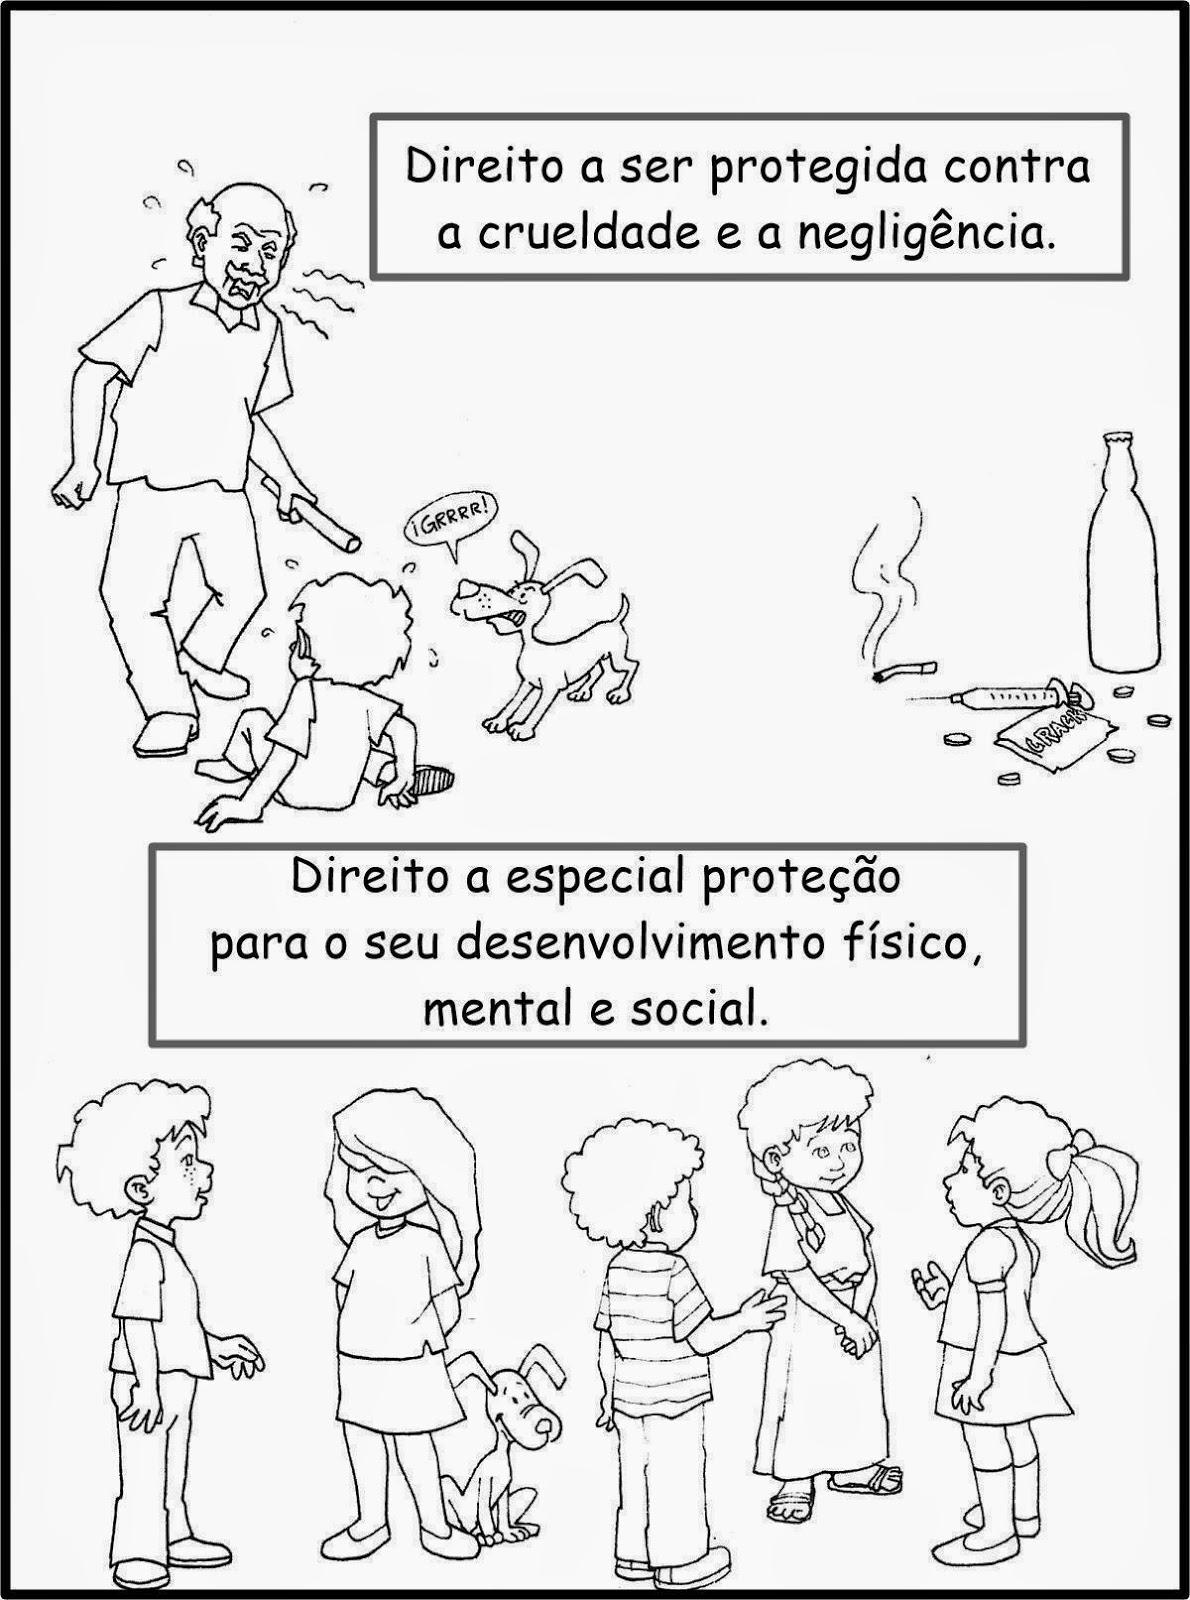 dia das crianças atividades escolares (7)